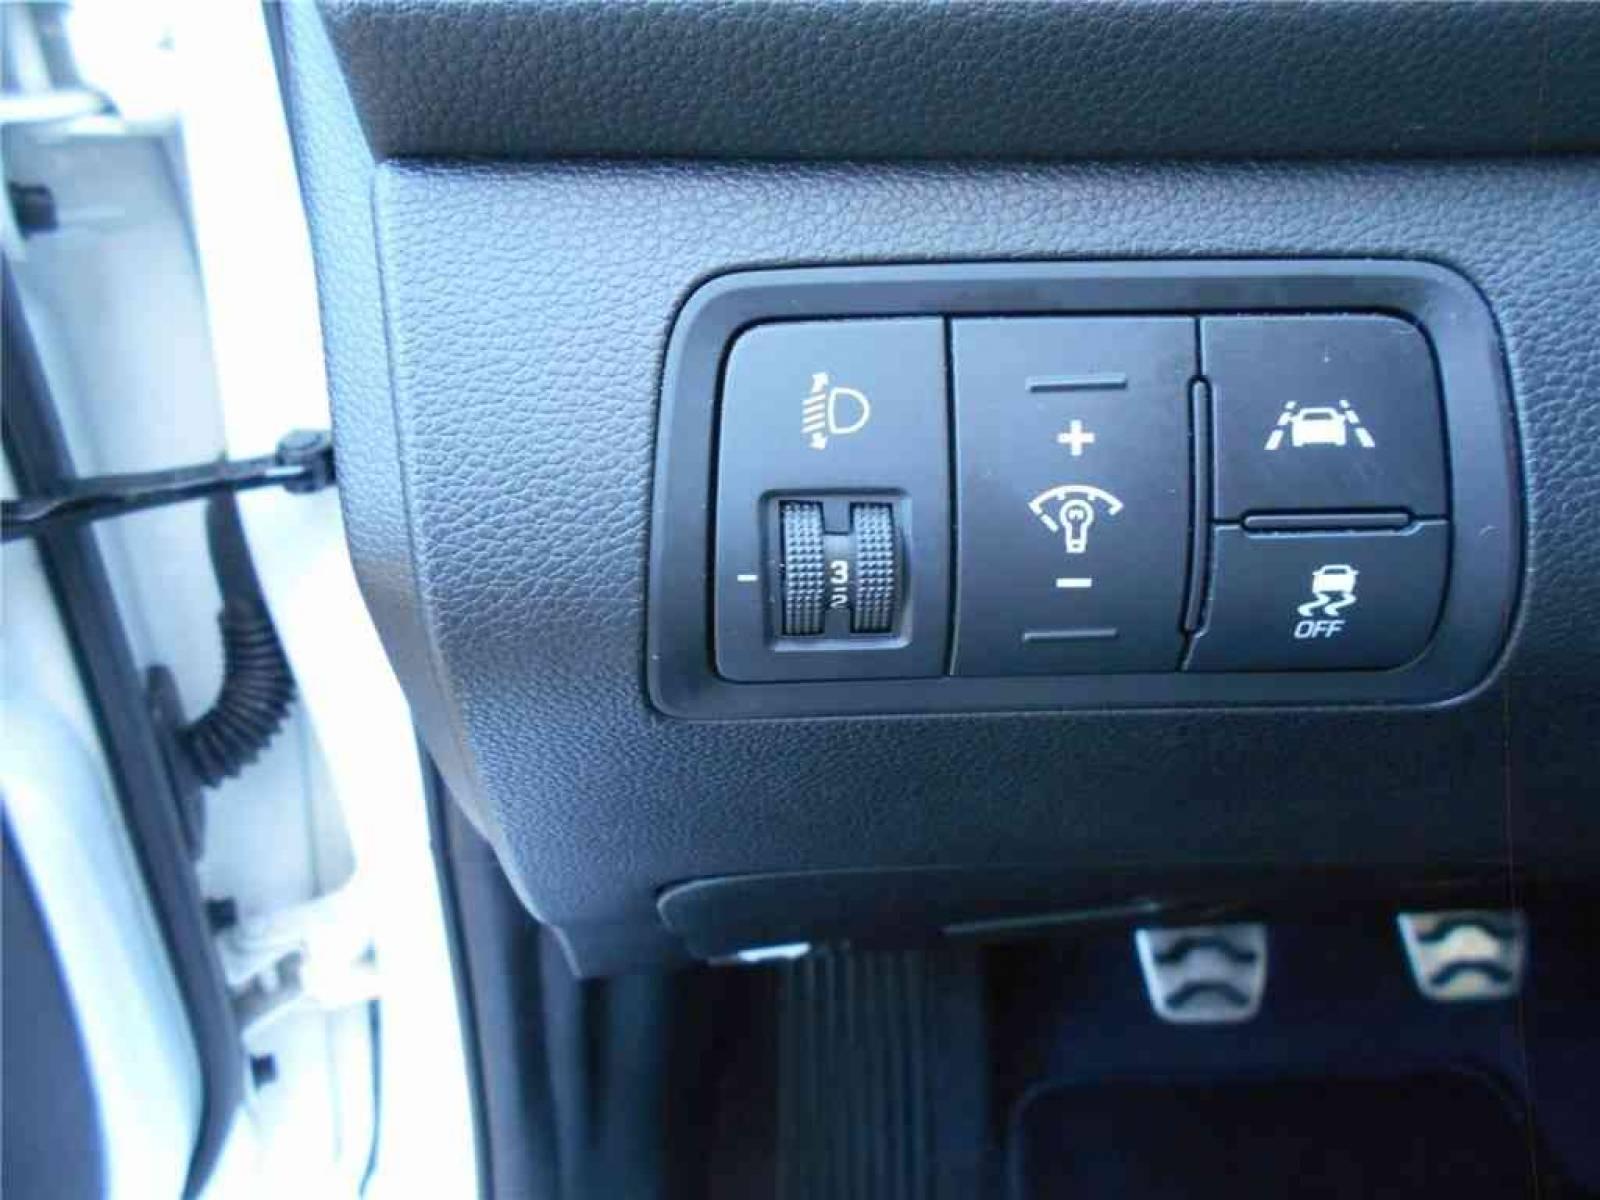 HYUNDAI i20 Active 1.0 T-GDi 100 - véhicule d'occasion - Groupe Guillet - Chalon Automobiles - 71100 - Chalon-sur-Saône - 13